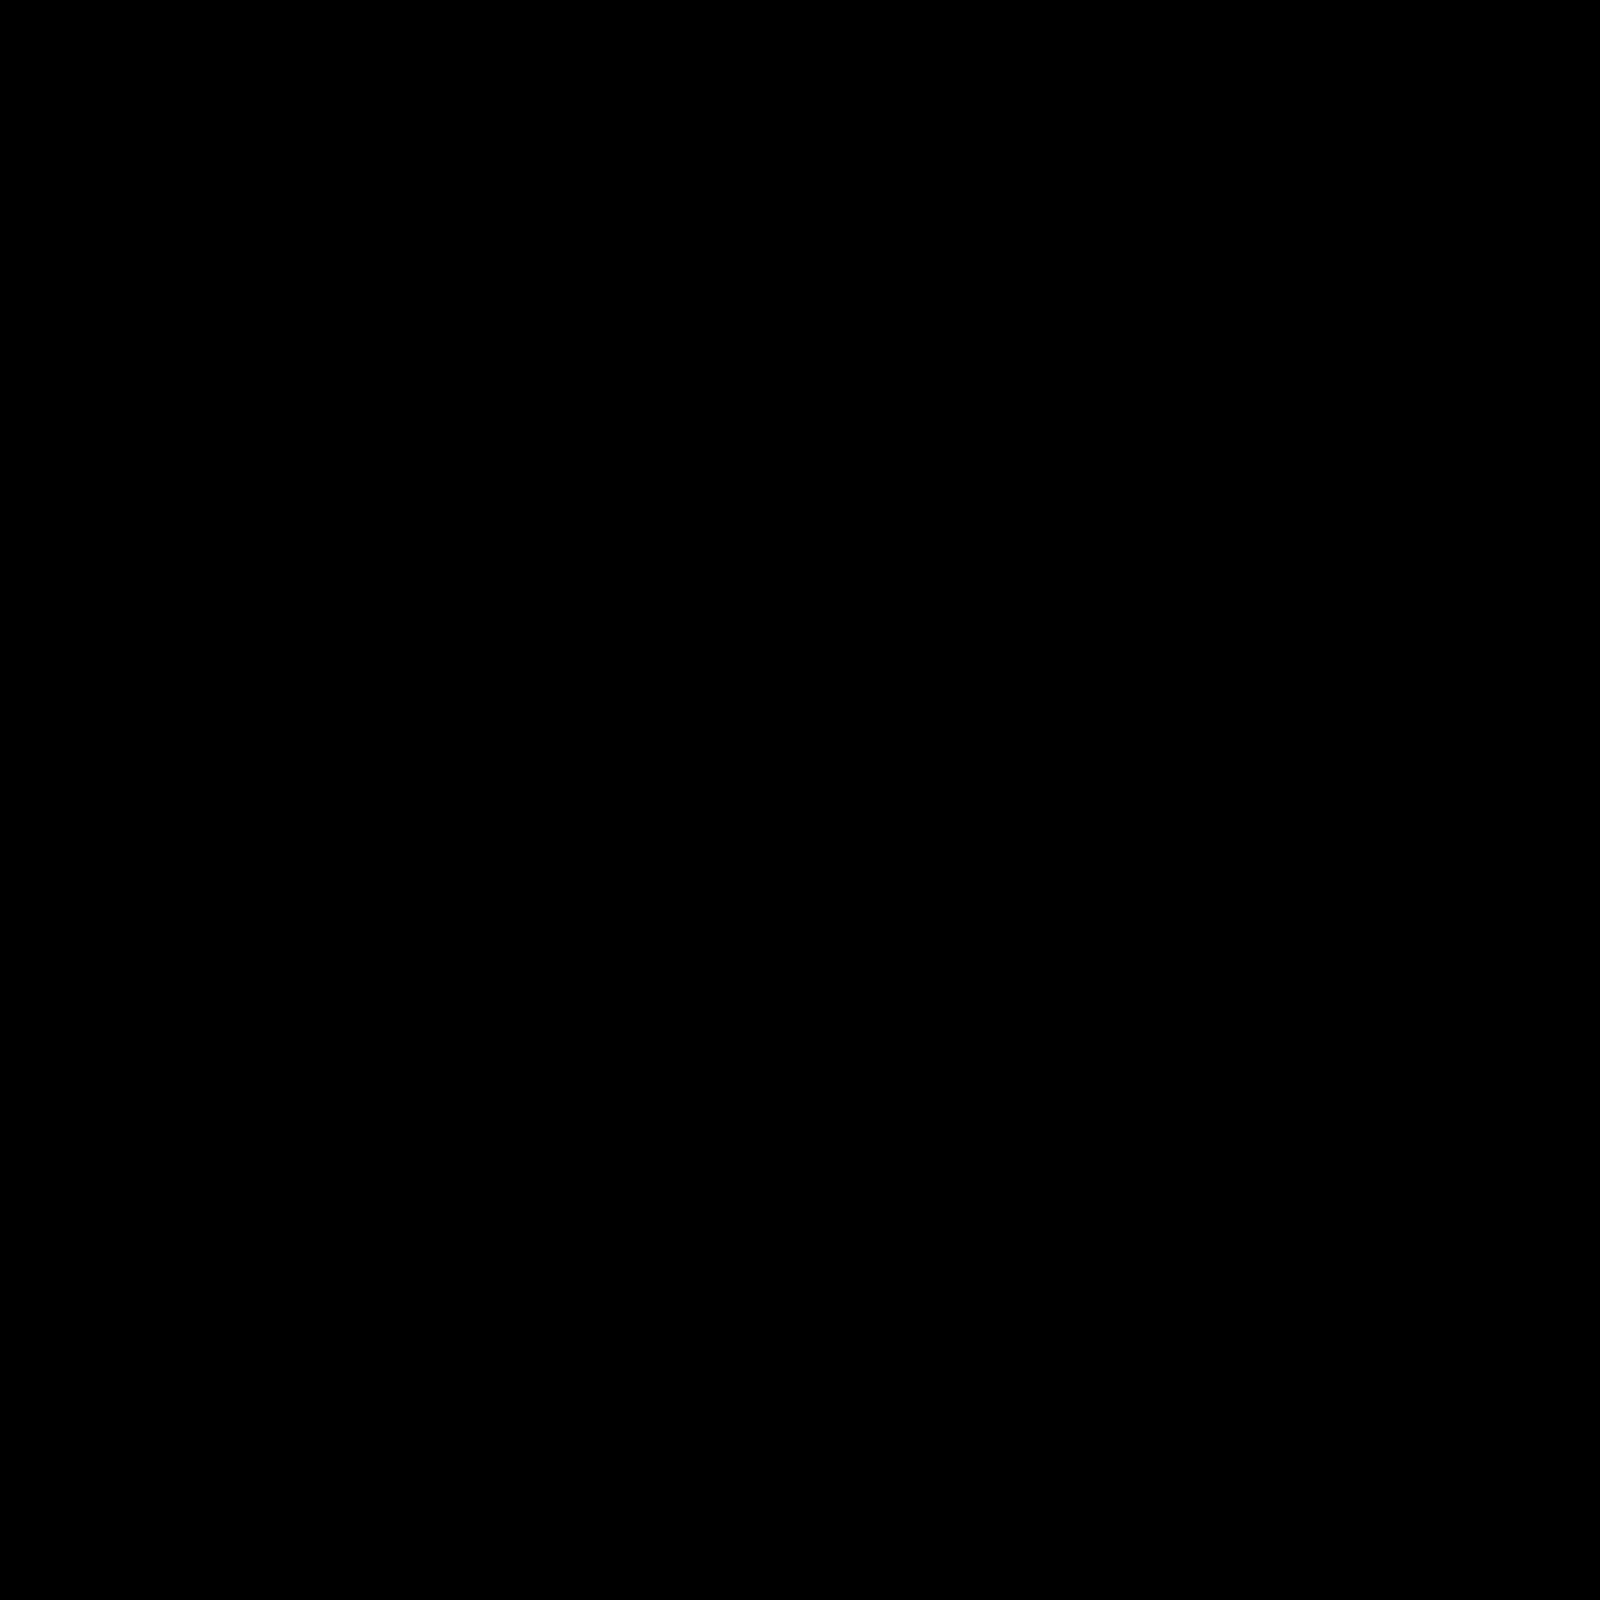 Всплывающее уведомление icon